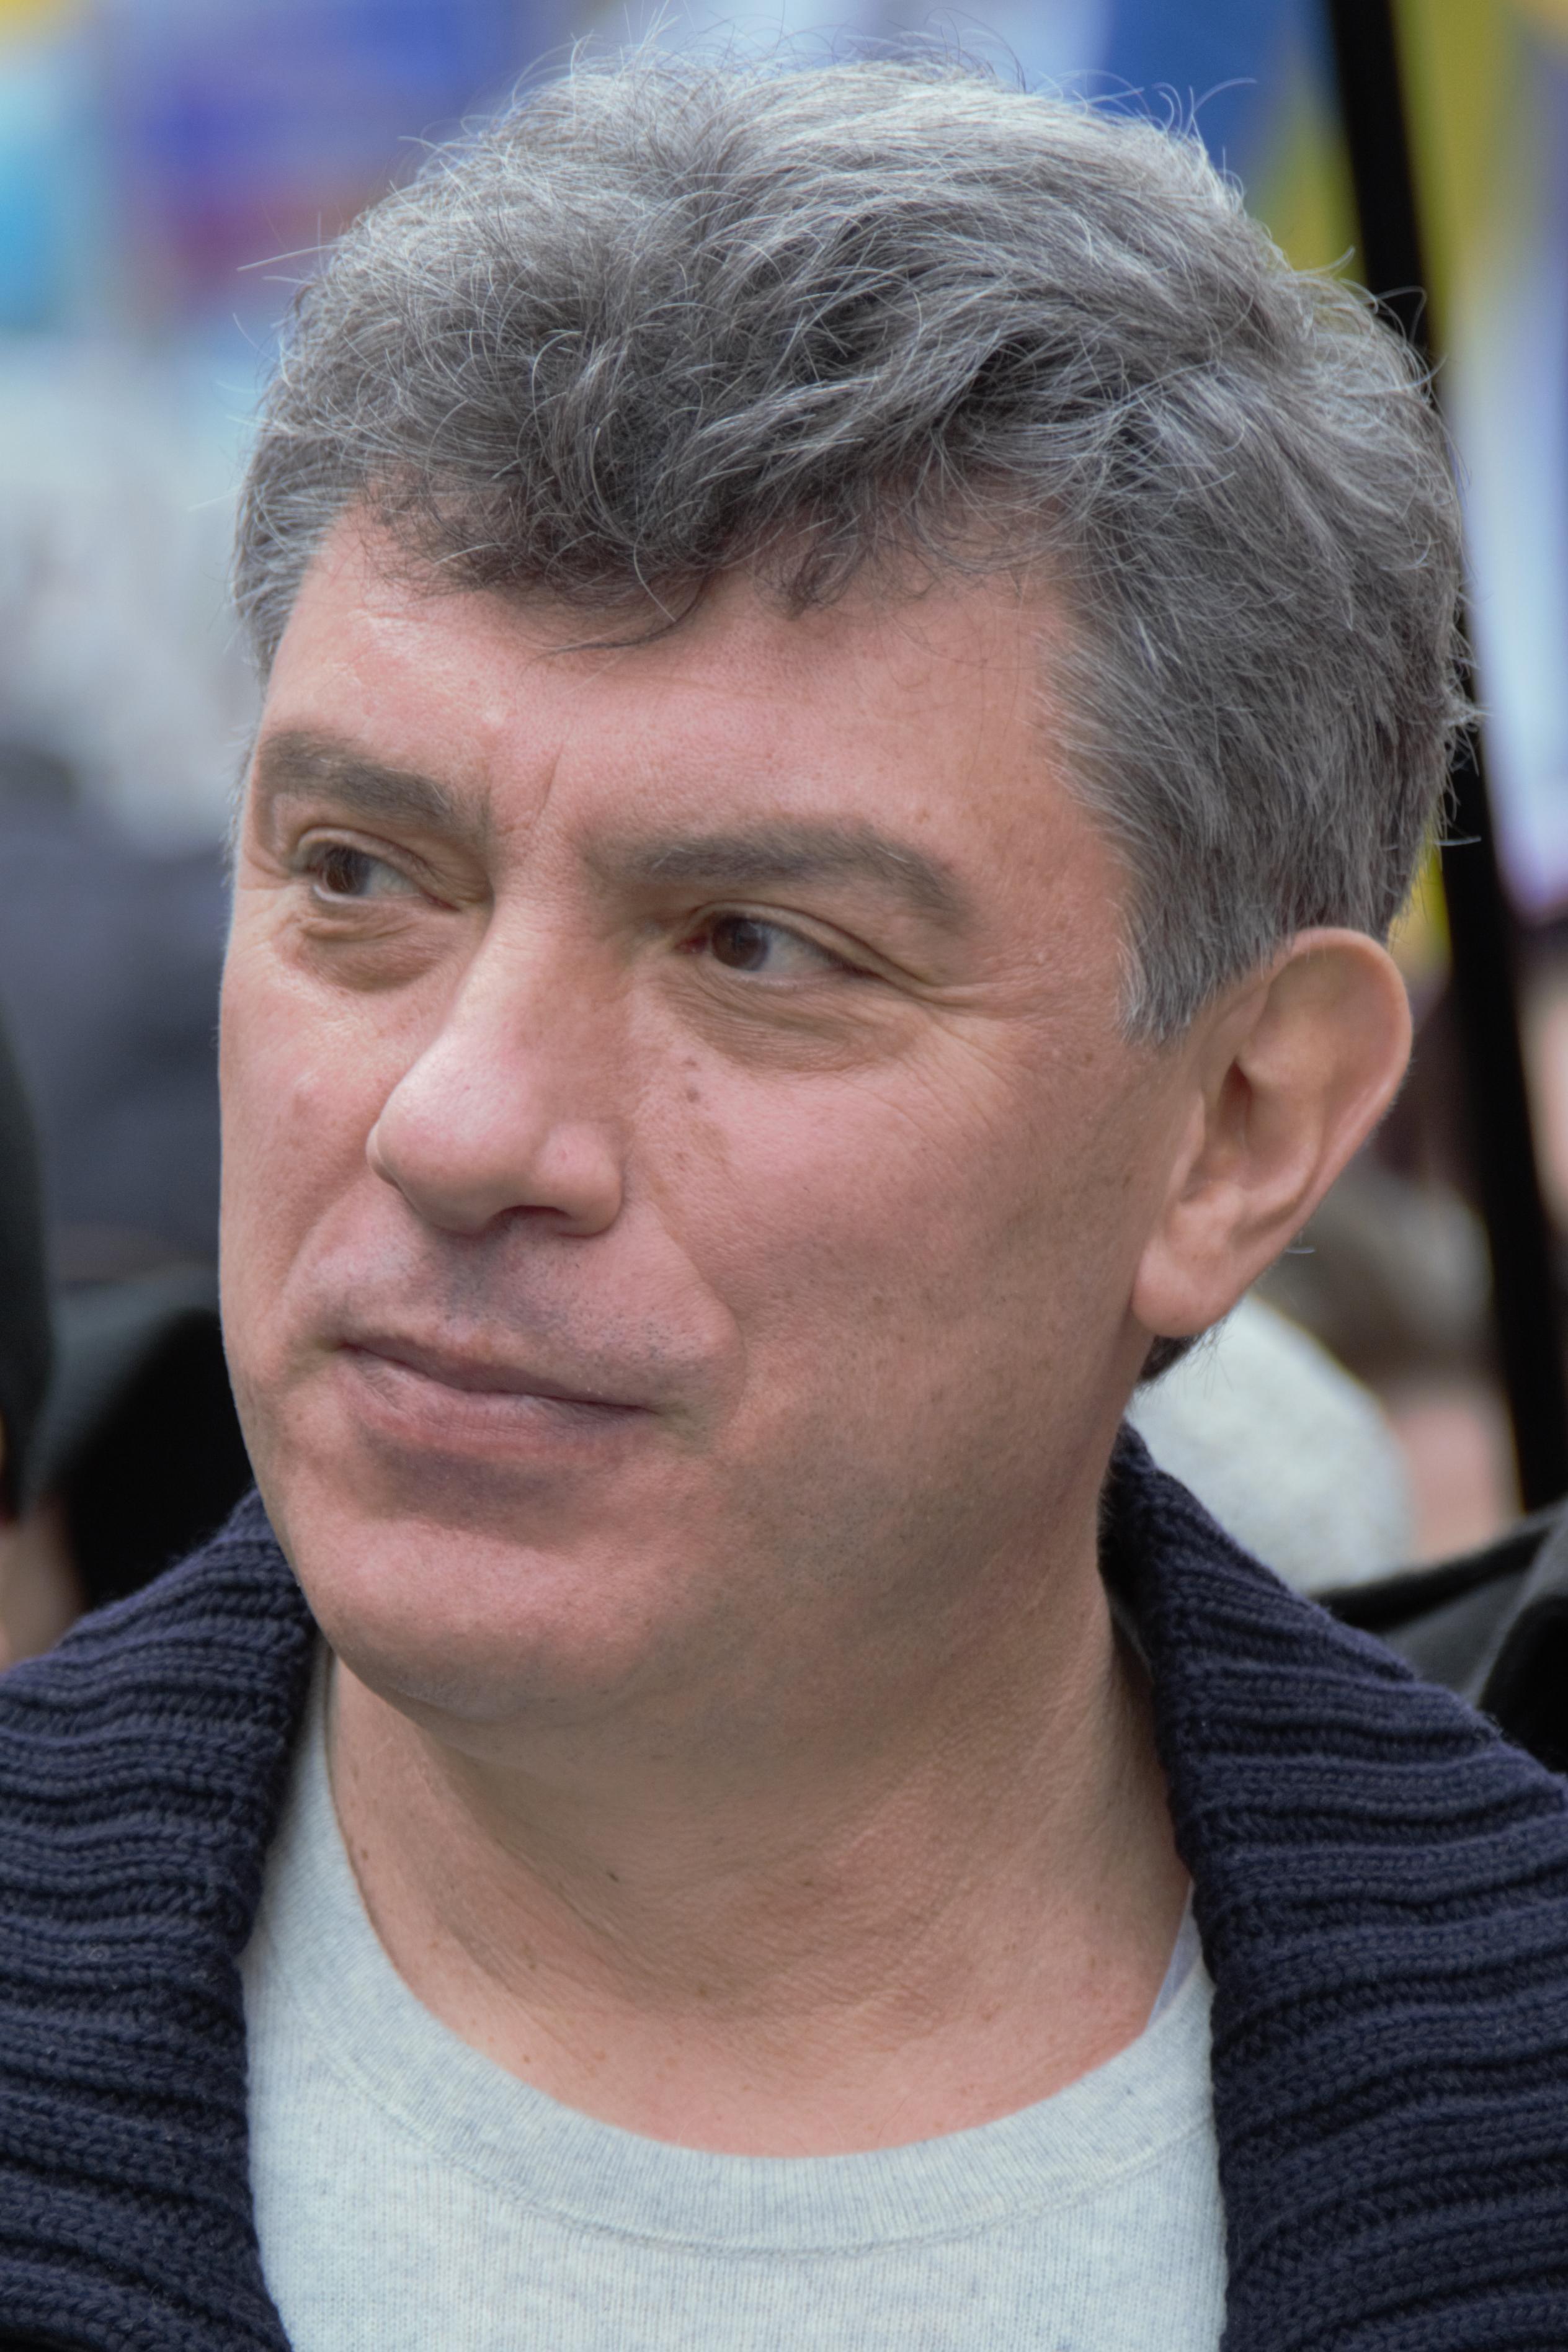 Veja o que saiu no Migalhas sobre Boris Nemtsov